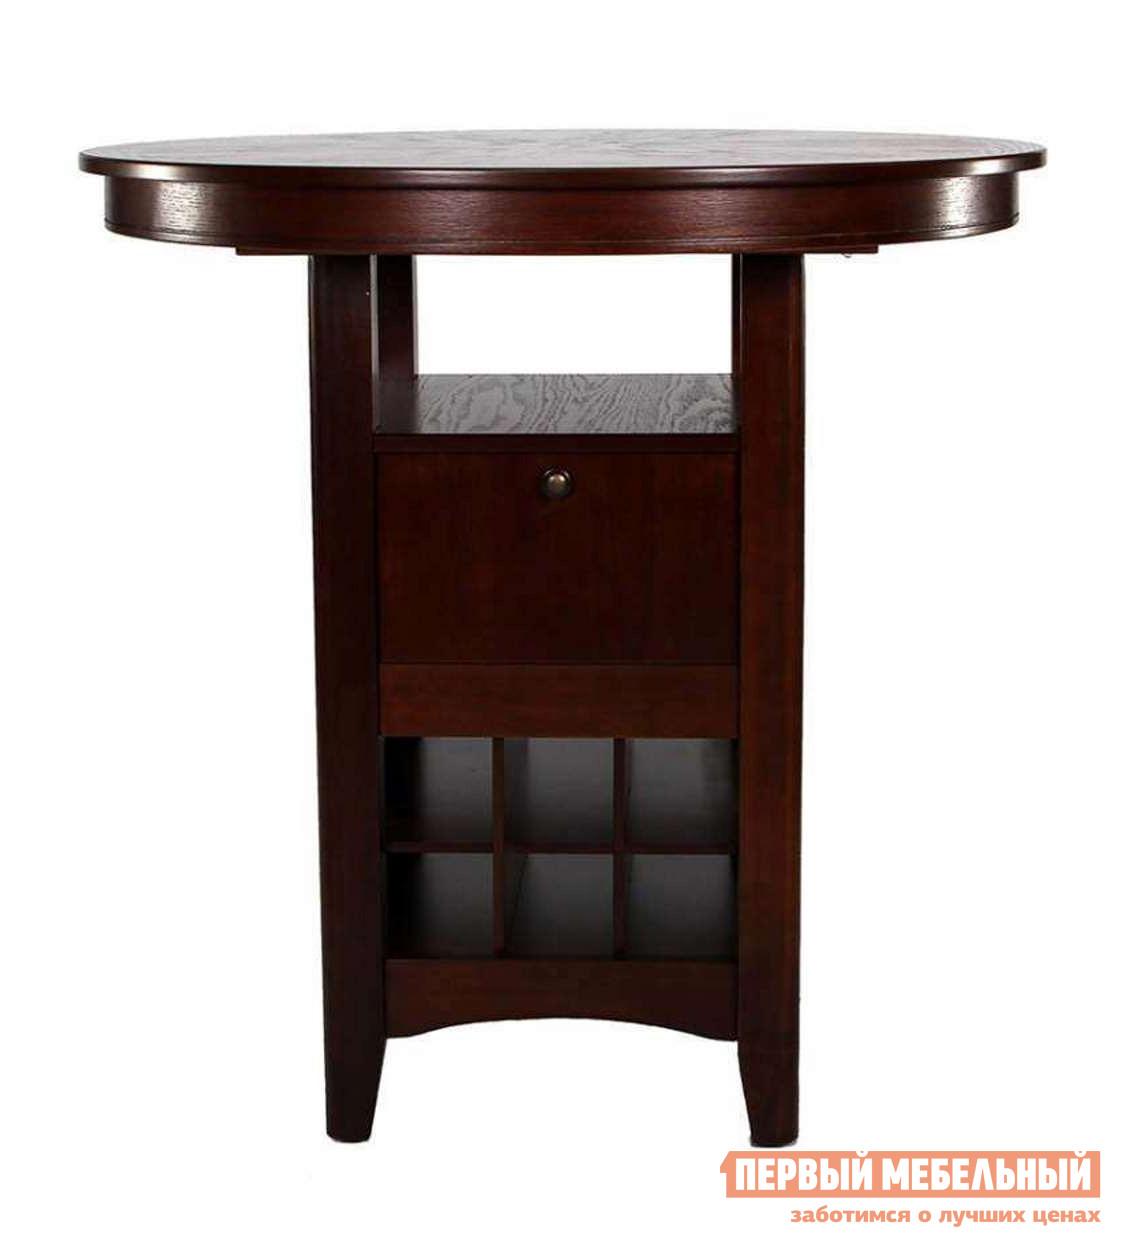 Барный стол МИК Мебель MK-1106-HG Темный орех